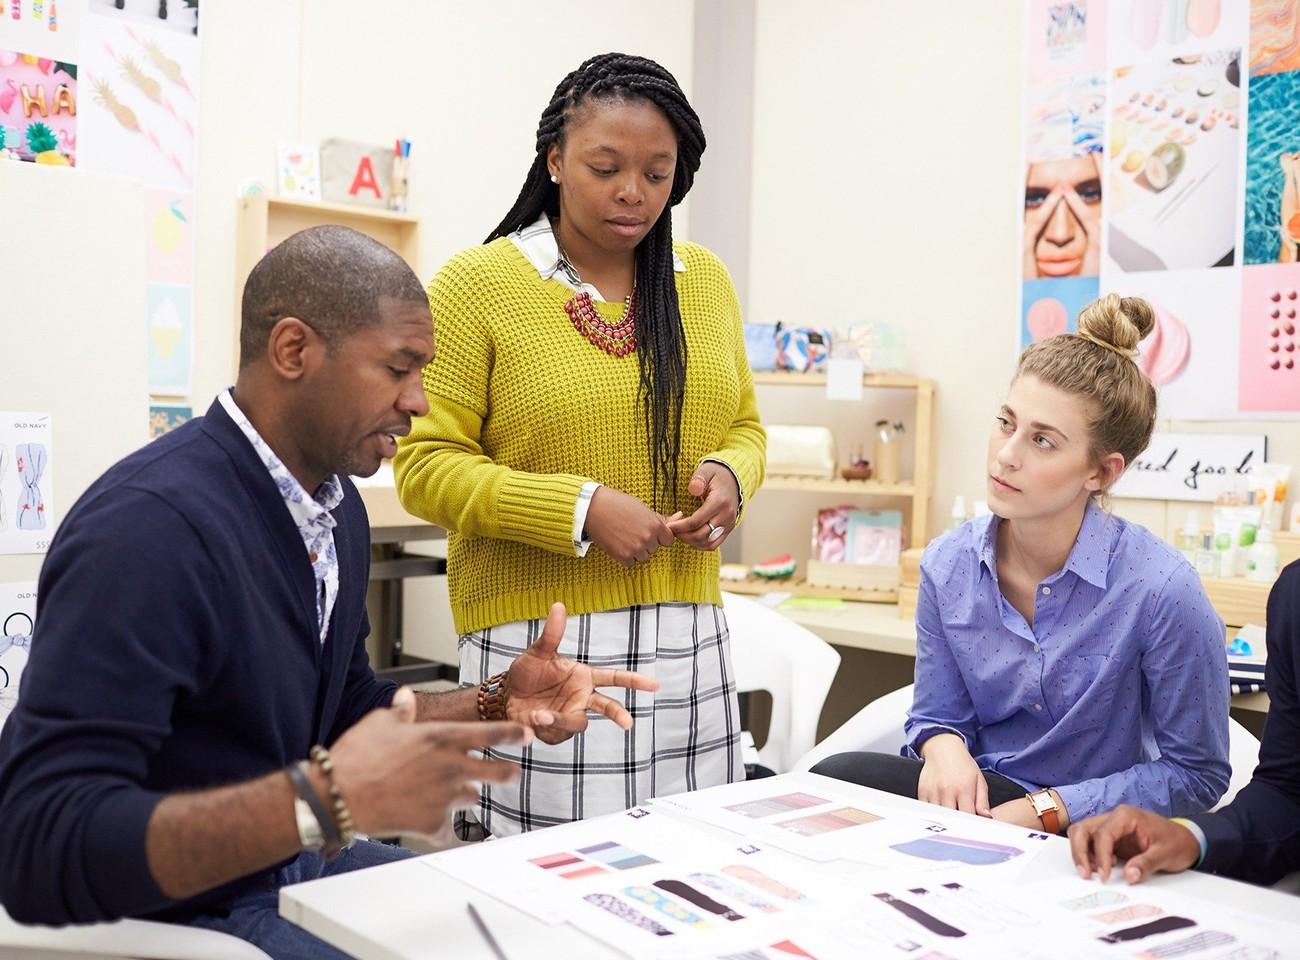 Gap Inc. Careers